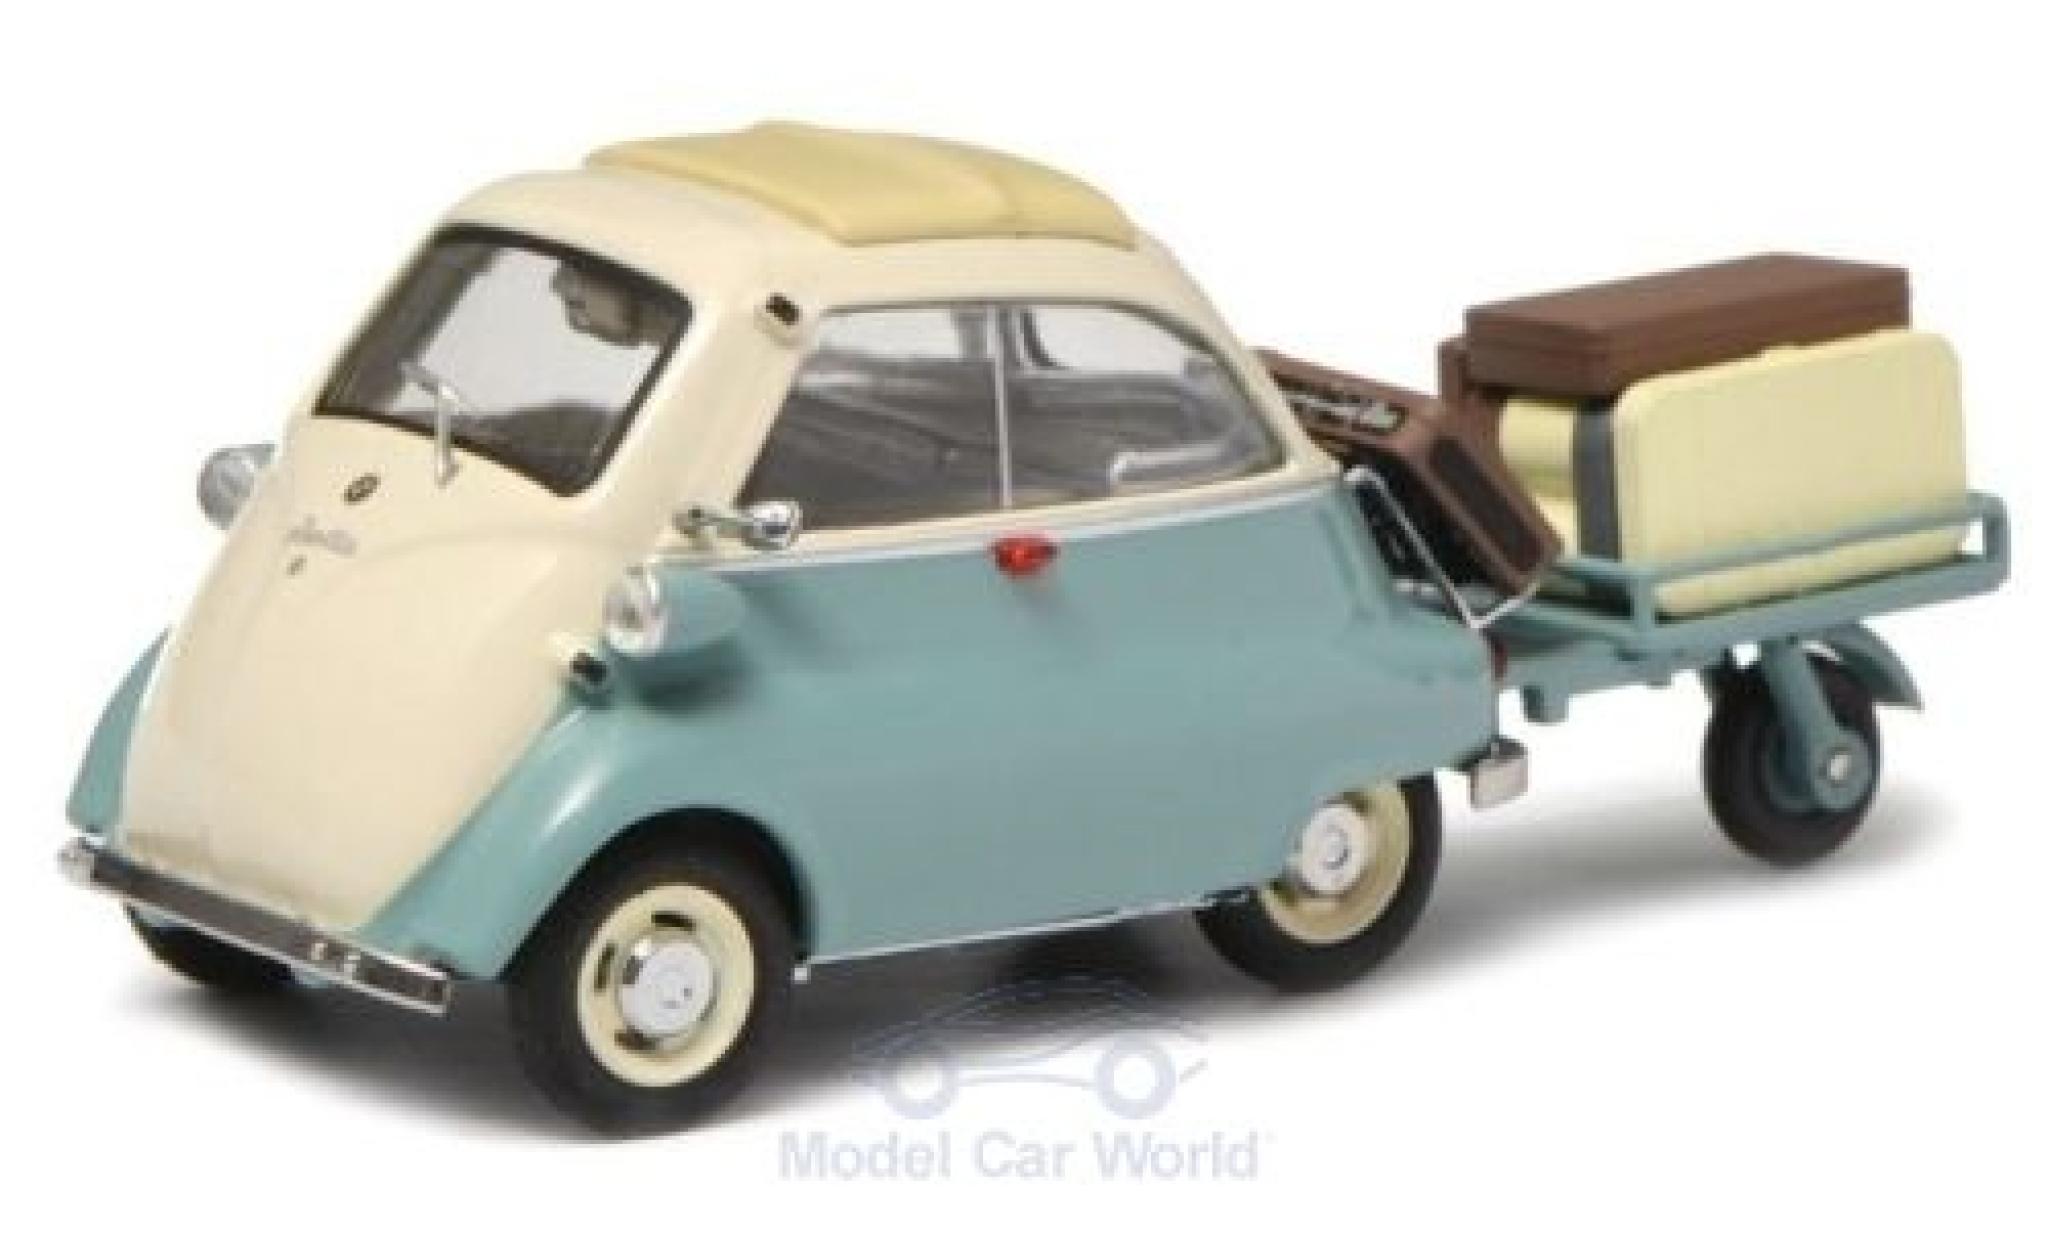 Bmw Isetta 1/43 Schuco turquoise/beige mit Anhänger und Gepäck